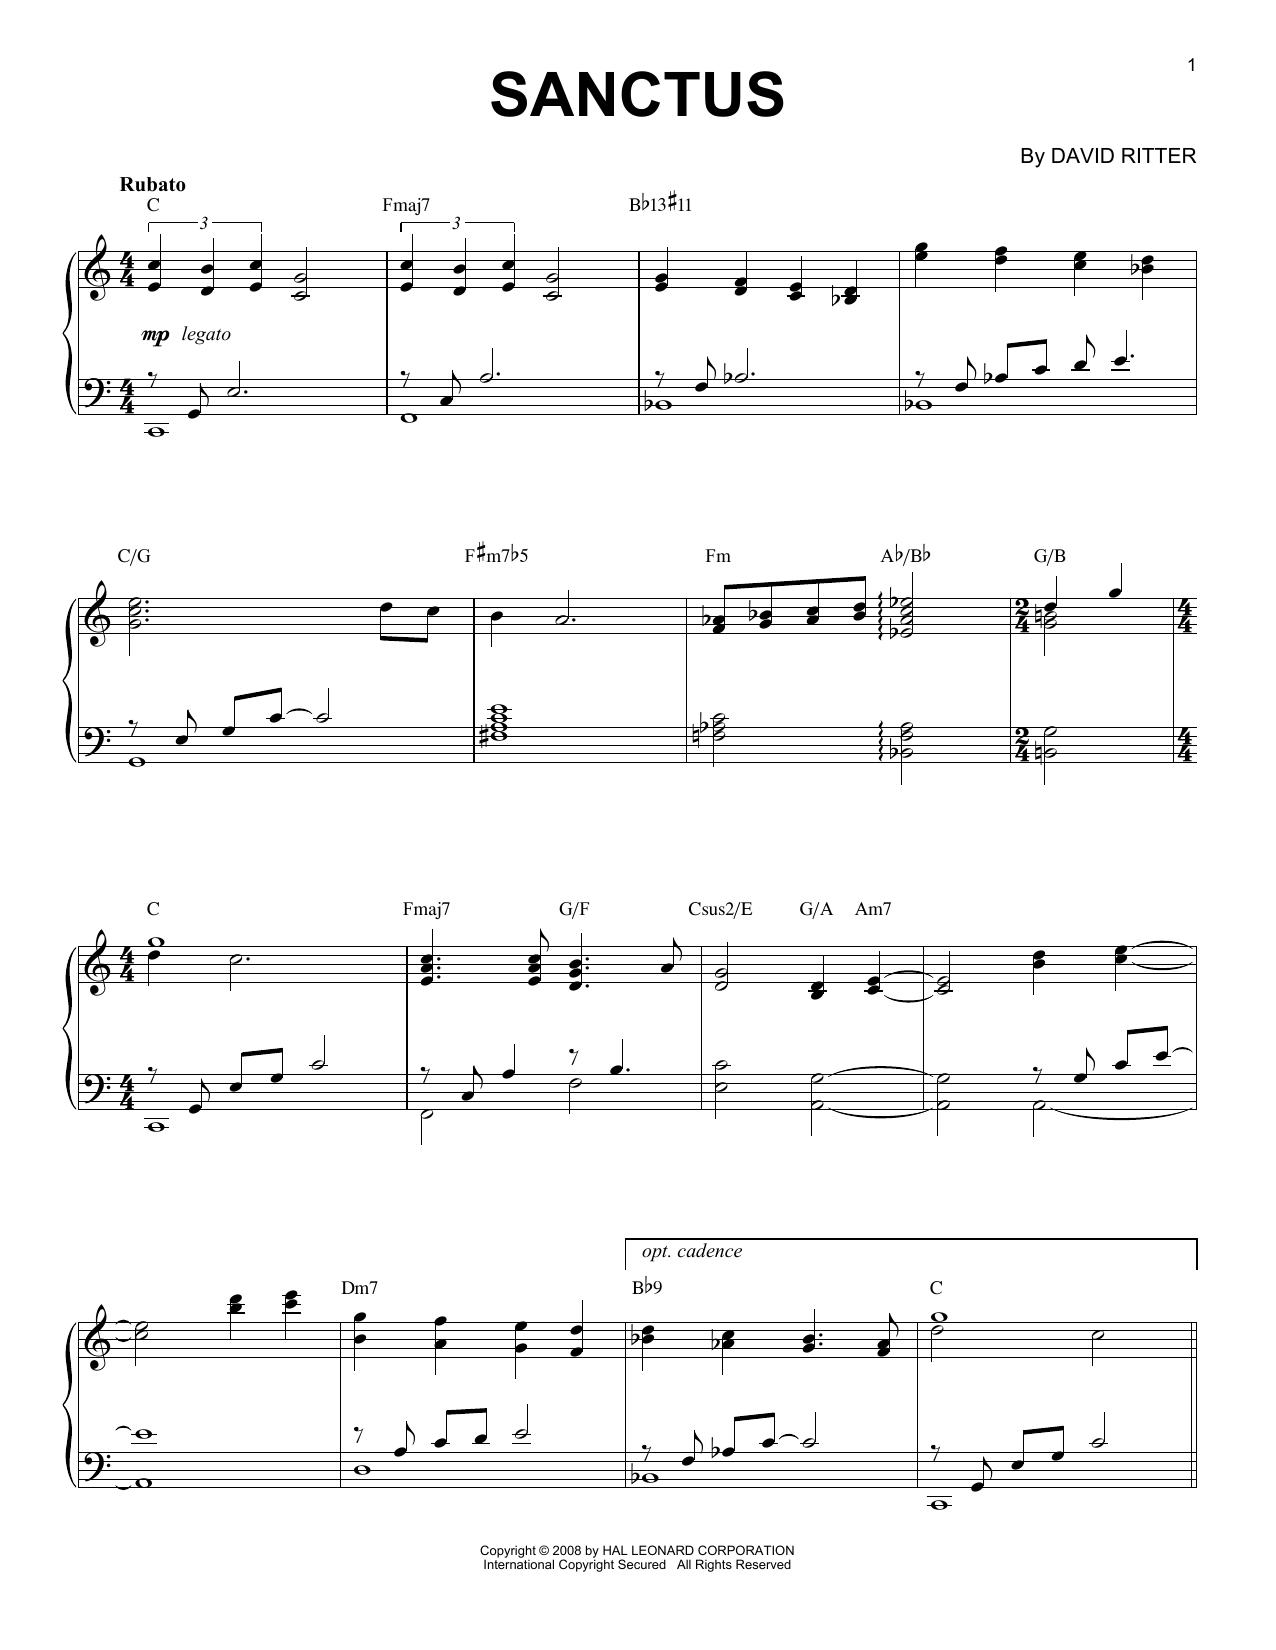 David Ritter Sanctus sheet music notes printable PDF score